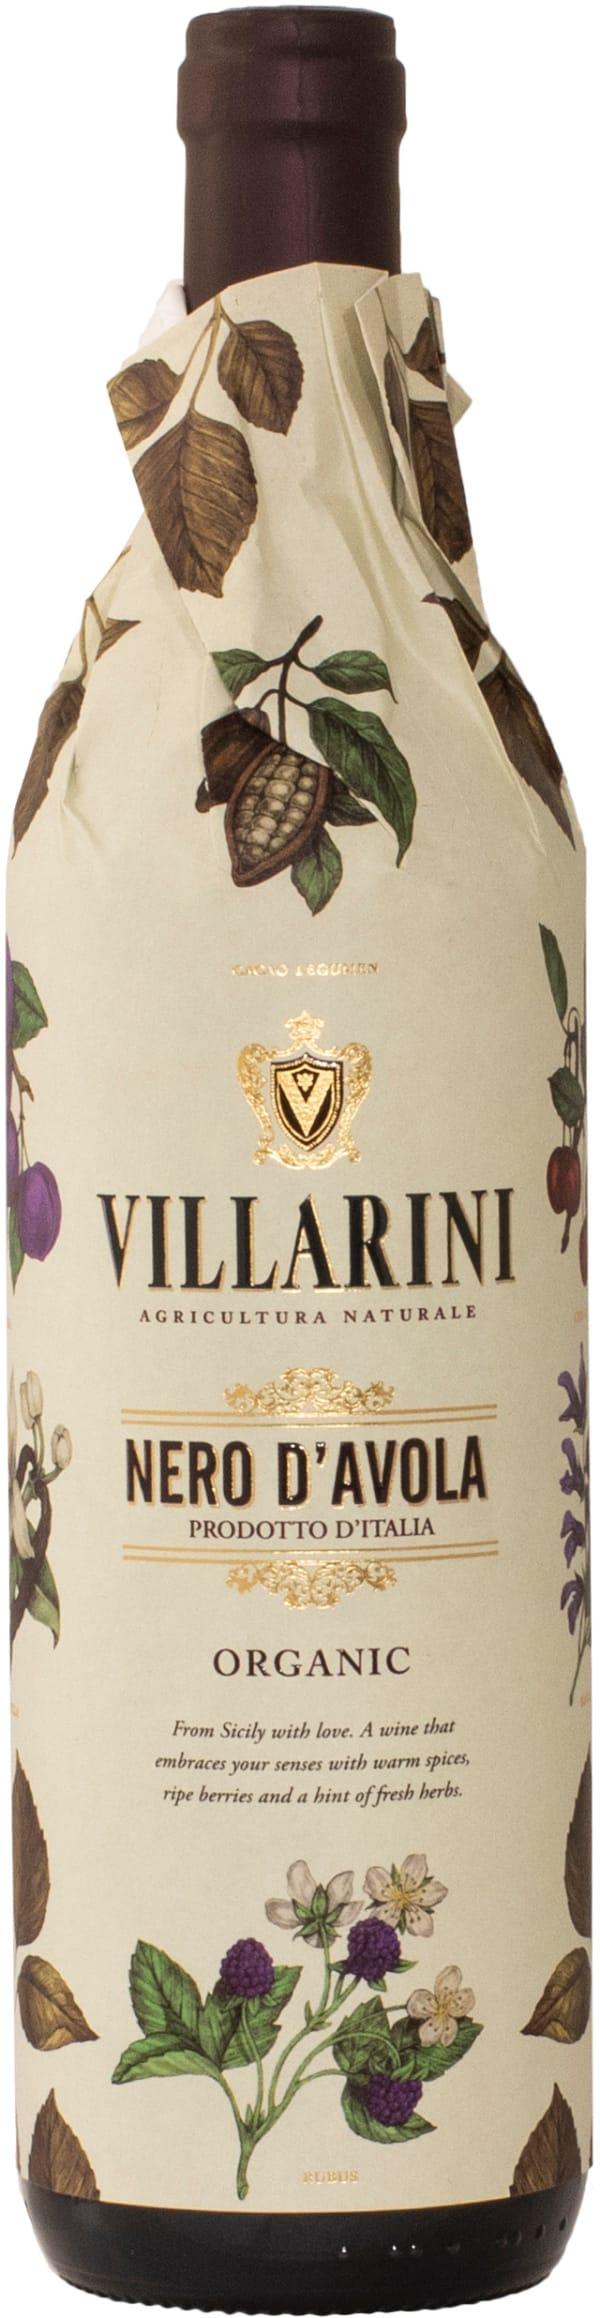 Villarini Nero d'Avola Organic 2020